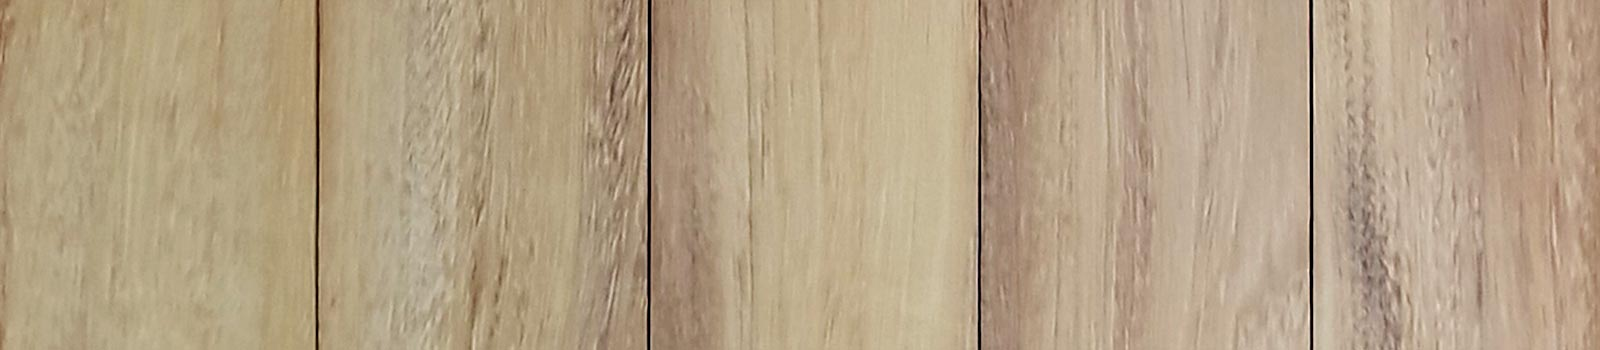 Iroko Hardwood Gate detail